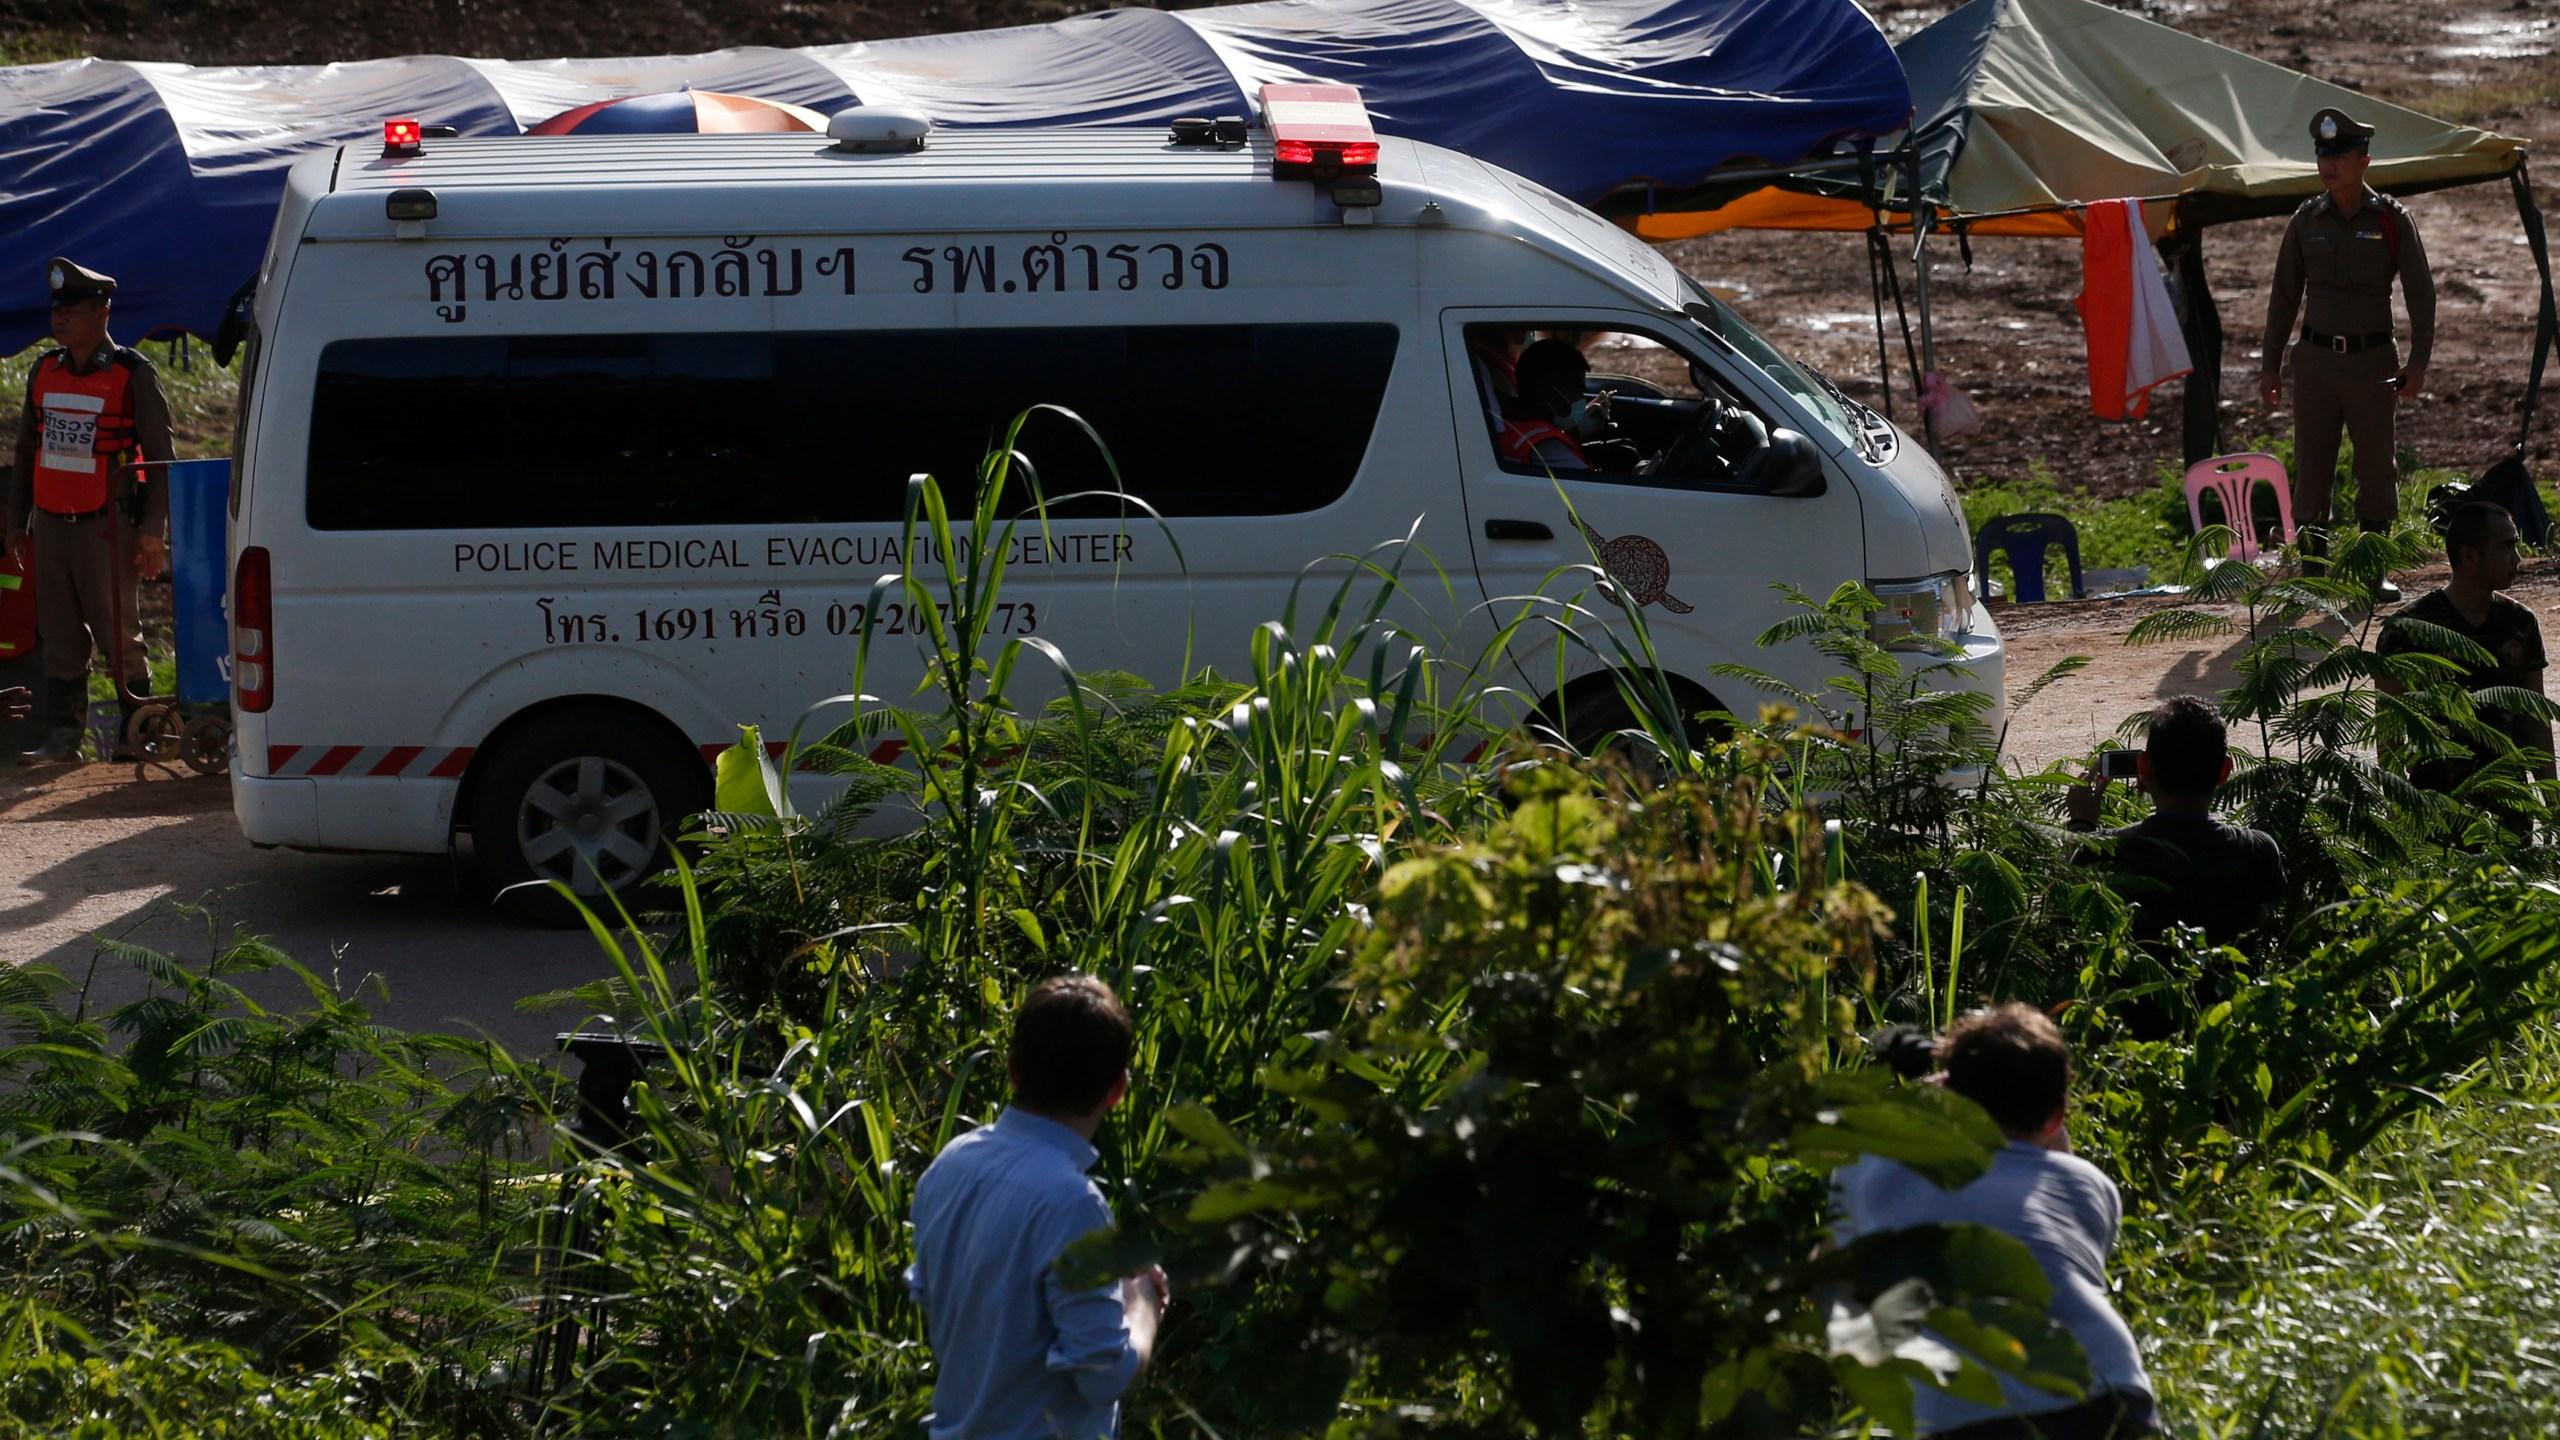 Thailand_Cave_Search_64101-159532.jpg98079154